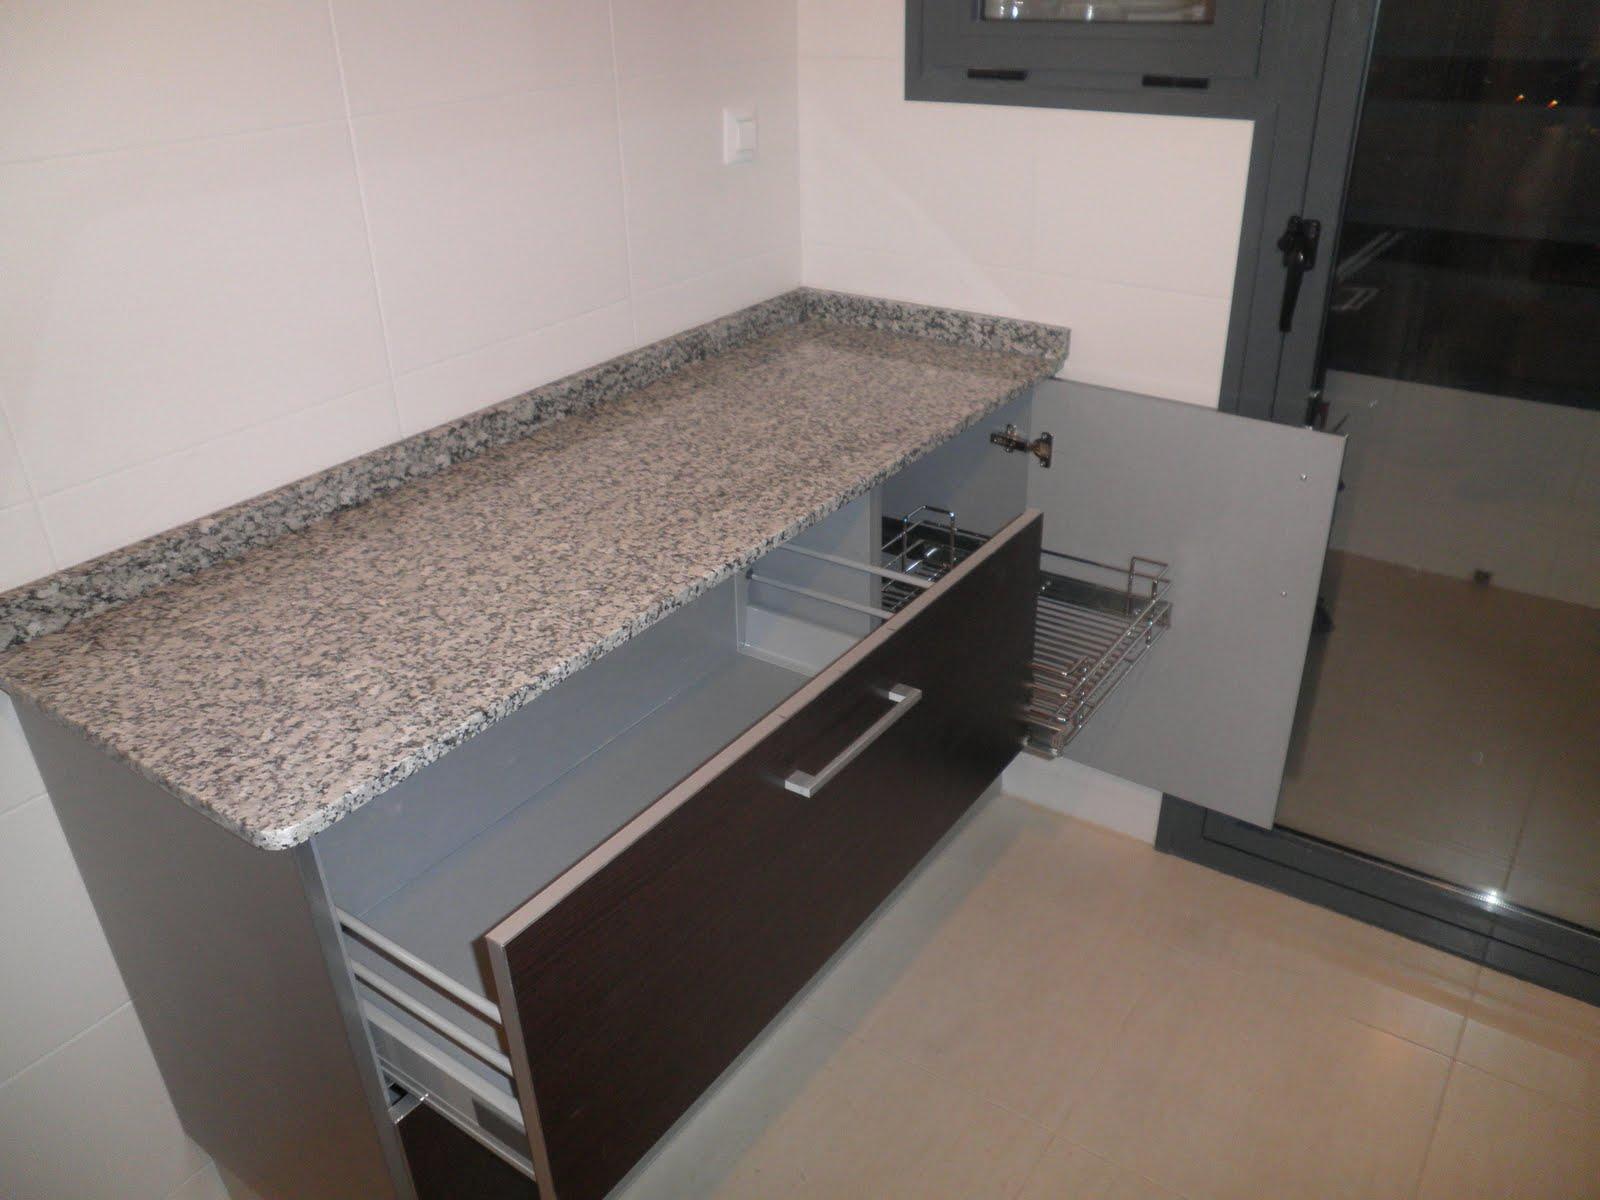 Decoraciones Sahuquillo Mueble de cocina wengue y aluminio